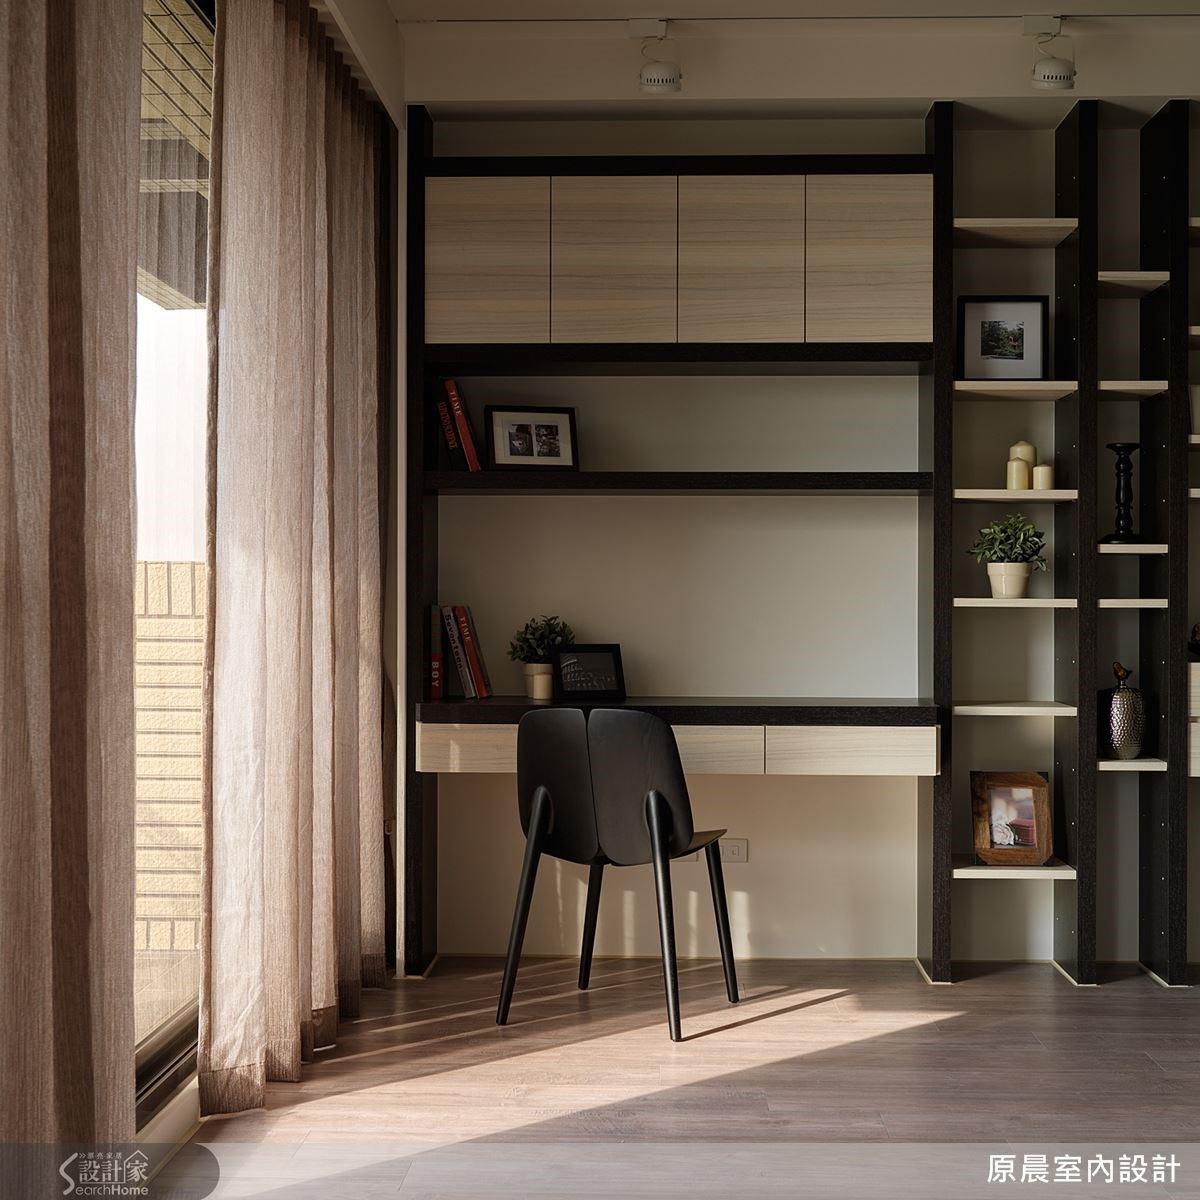 連續櫃在採光充足的角落結合了書桌與書櫃,個人也有獨立完整的工作區。